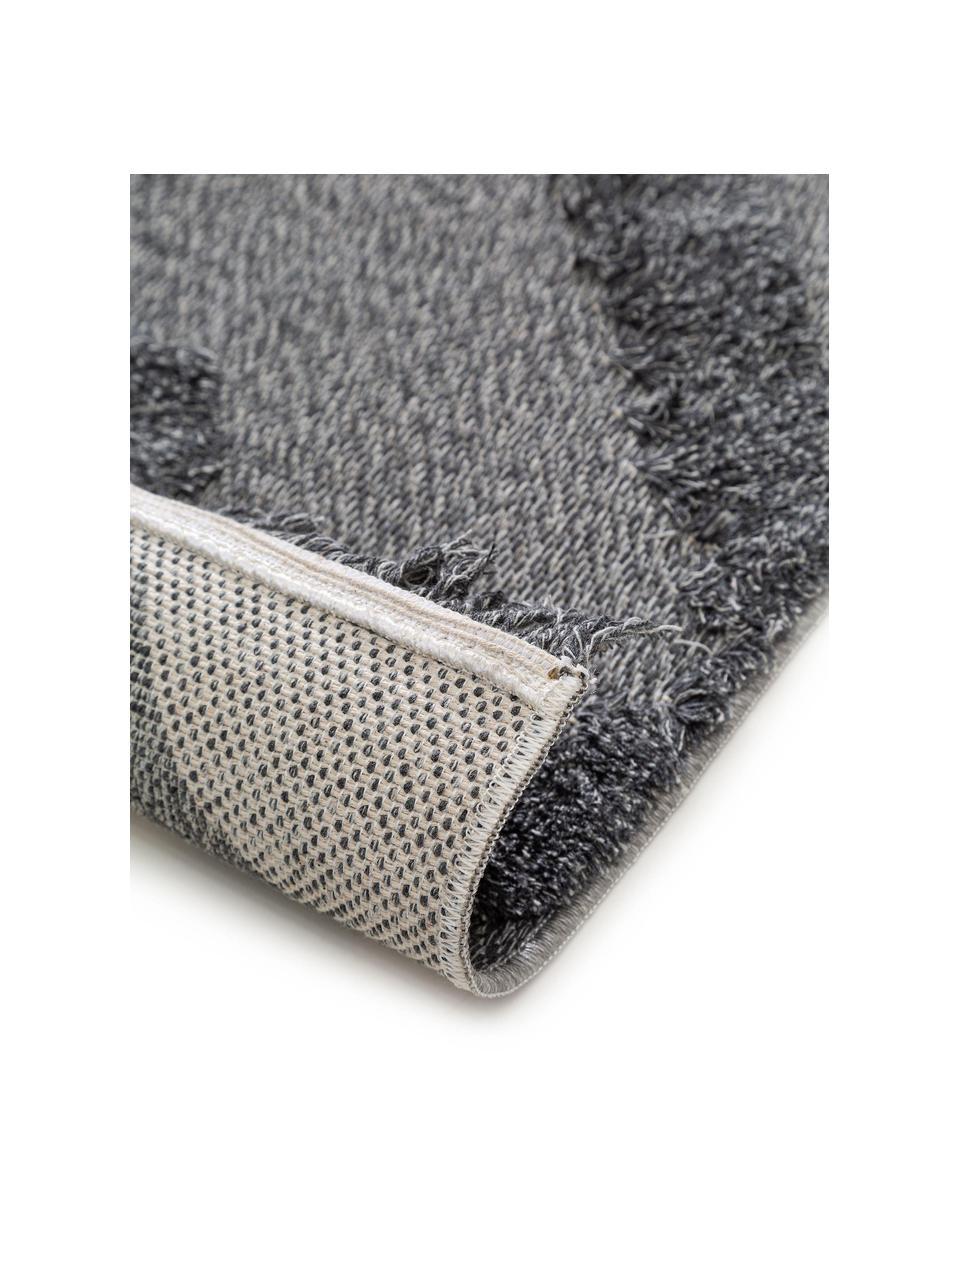 Waschbarer Baumwollteppich Oslo in Dunkelgrau mit Hoch-Tief-Muster, 100% Baumwolle, Grau, meliert, B 150 x L 230 cm (Größe M)